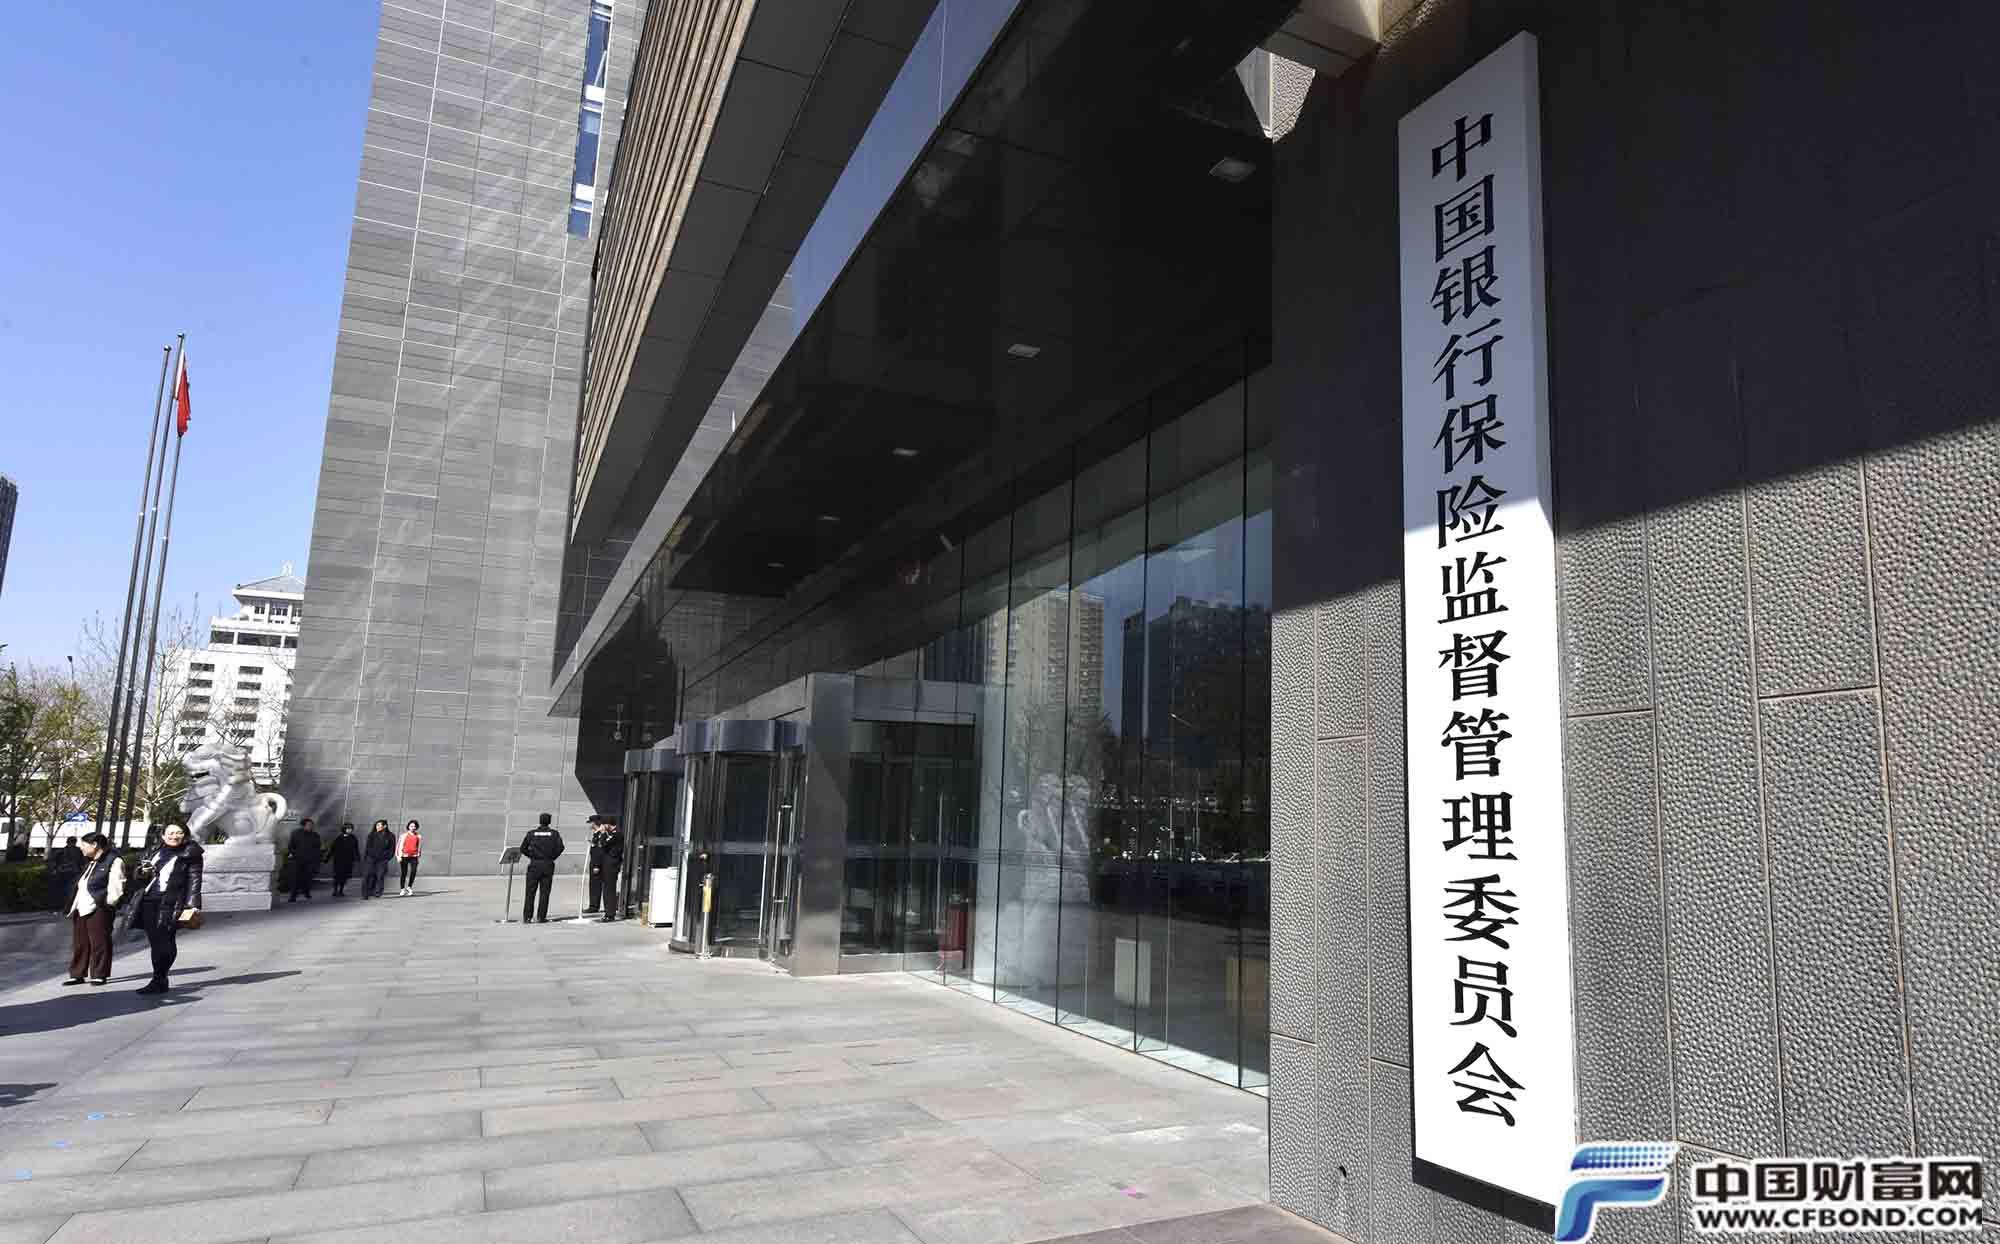 银保监会:政策性金融债监管政策没有变化